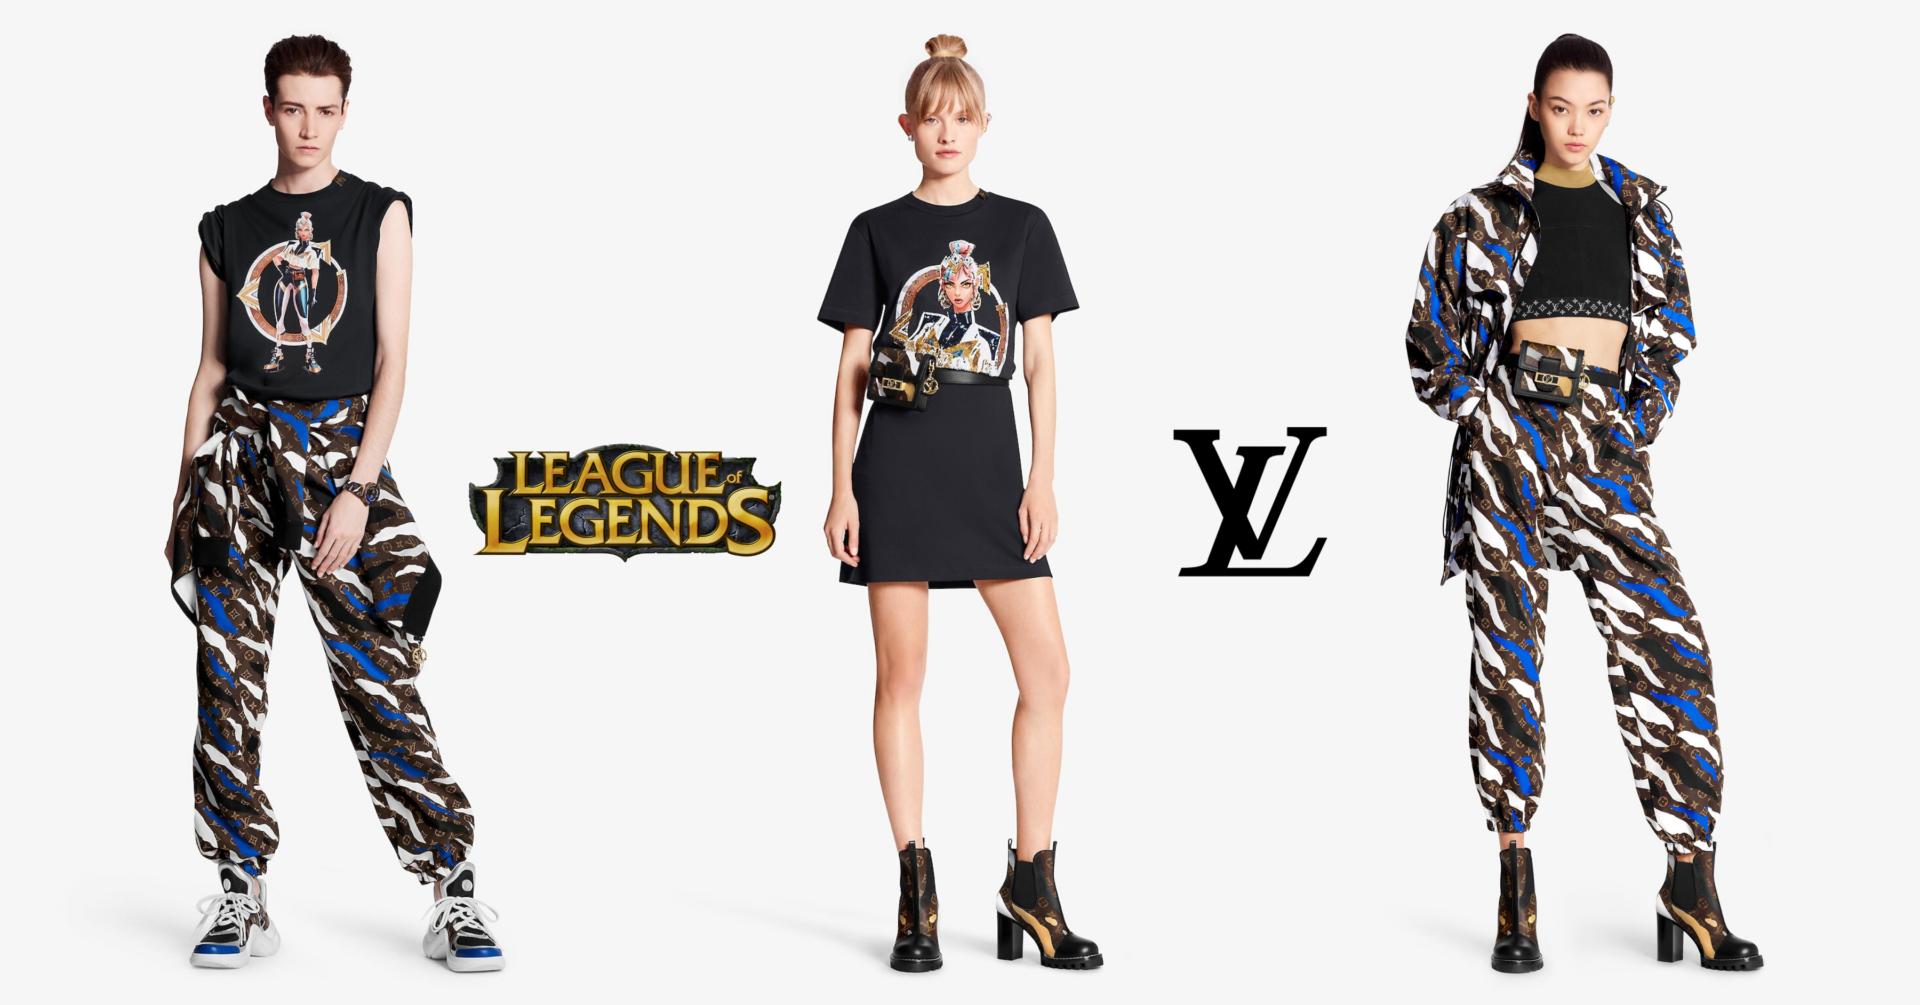 Louis Vuitton presentó su colección inspirada en League of Legends para a gamers… millonarios